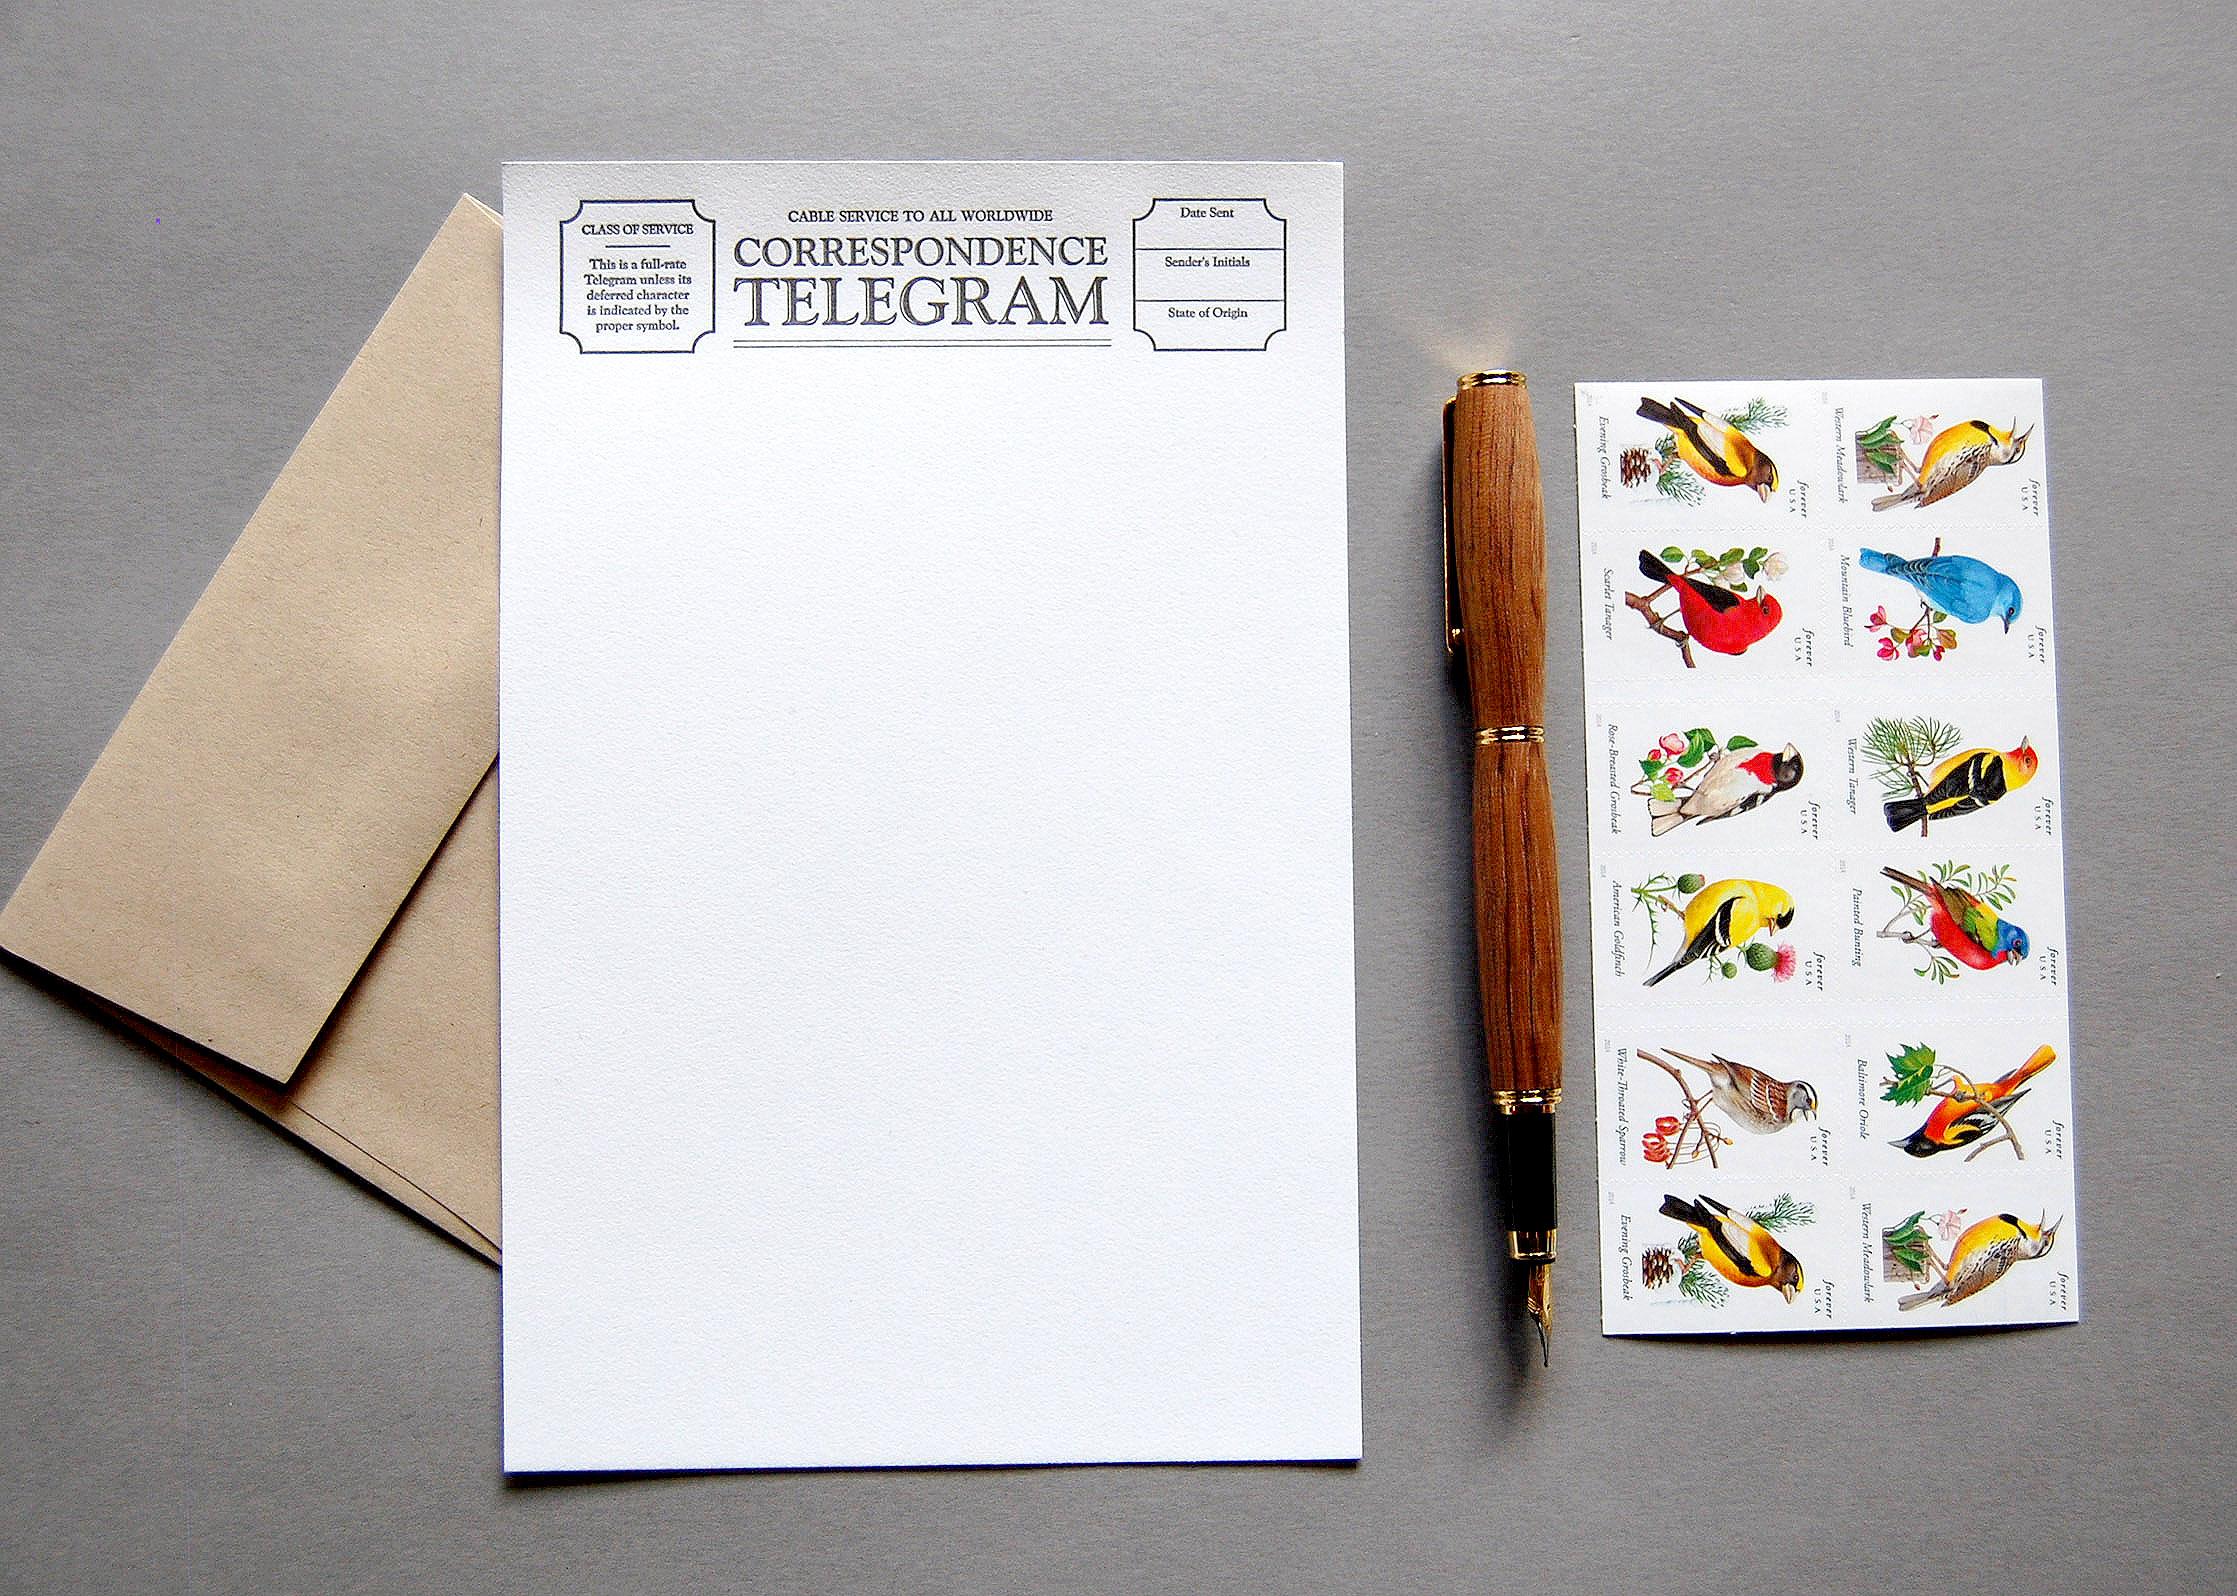 Letter telegram.jpg